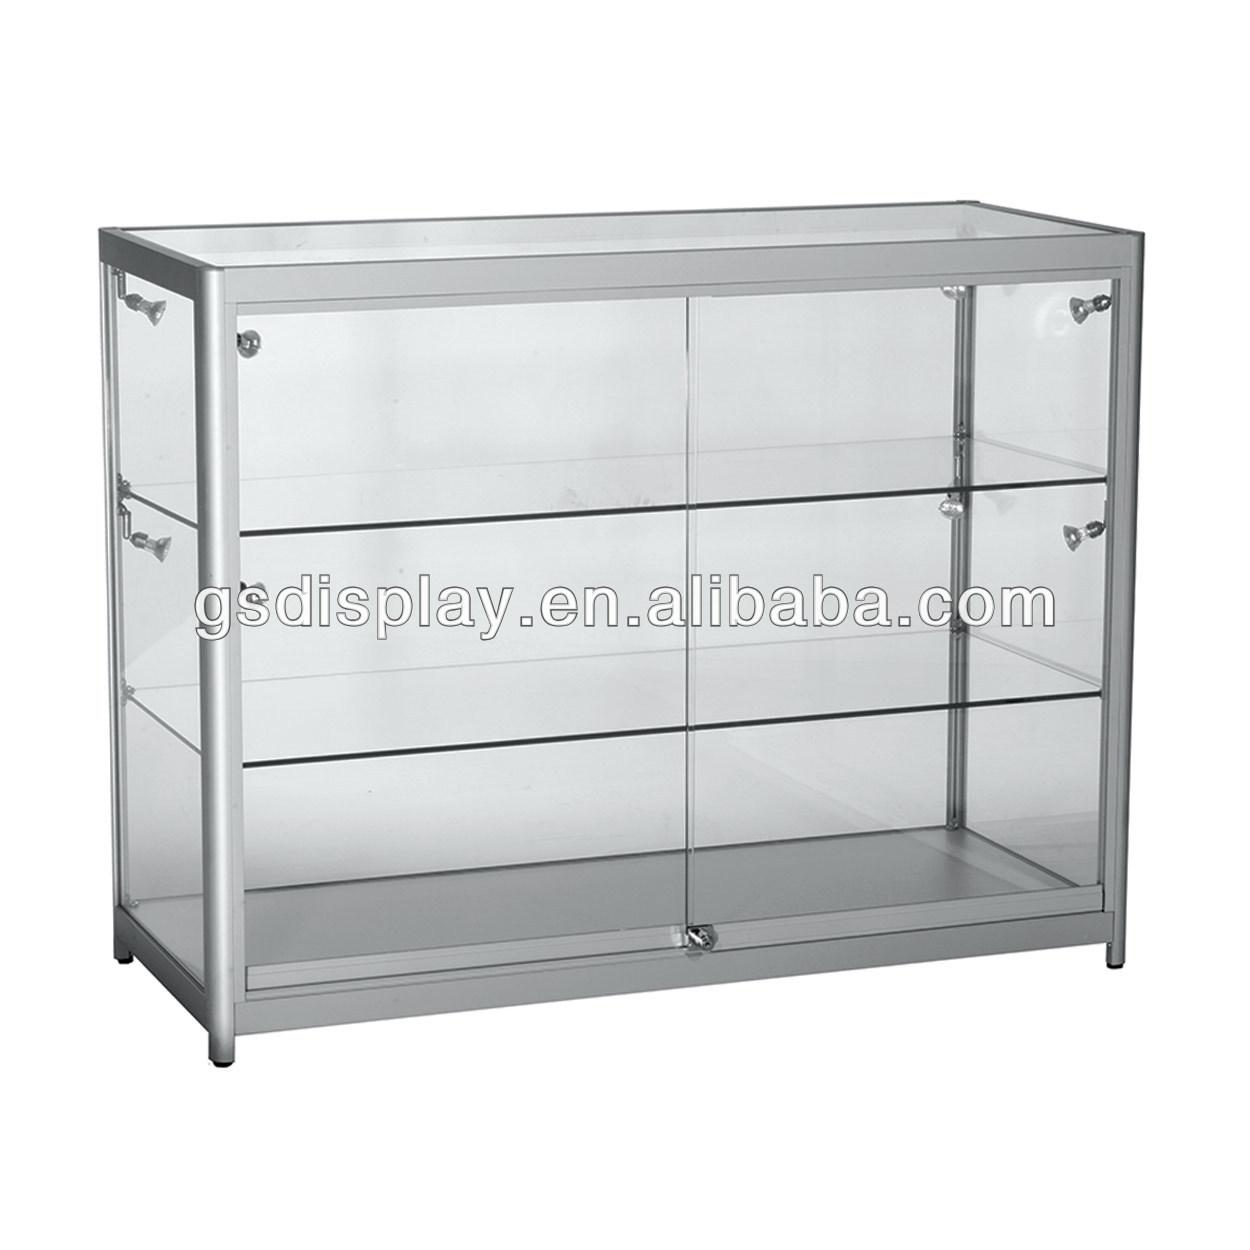 vitrine verre pas cher vitrines autres meubles en bois id. Black Bedroom Furniture Sets. Home Design Ideas